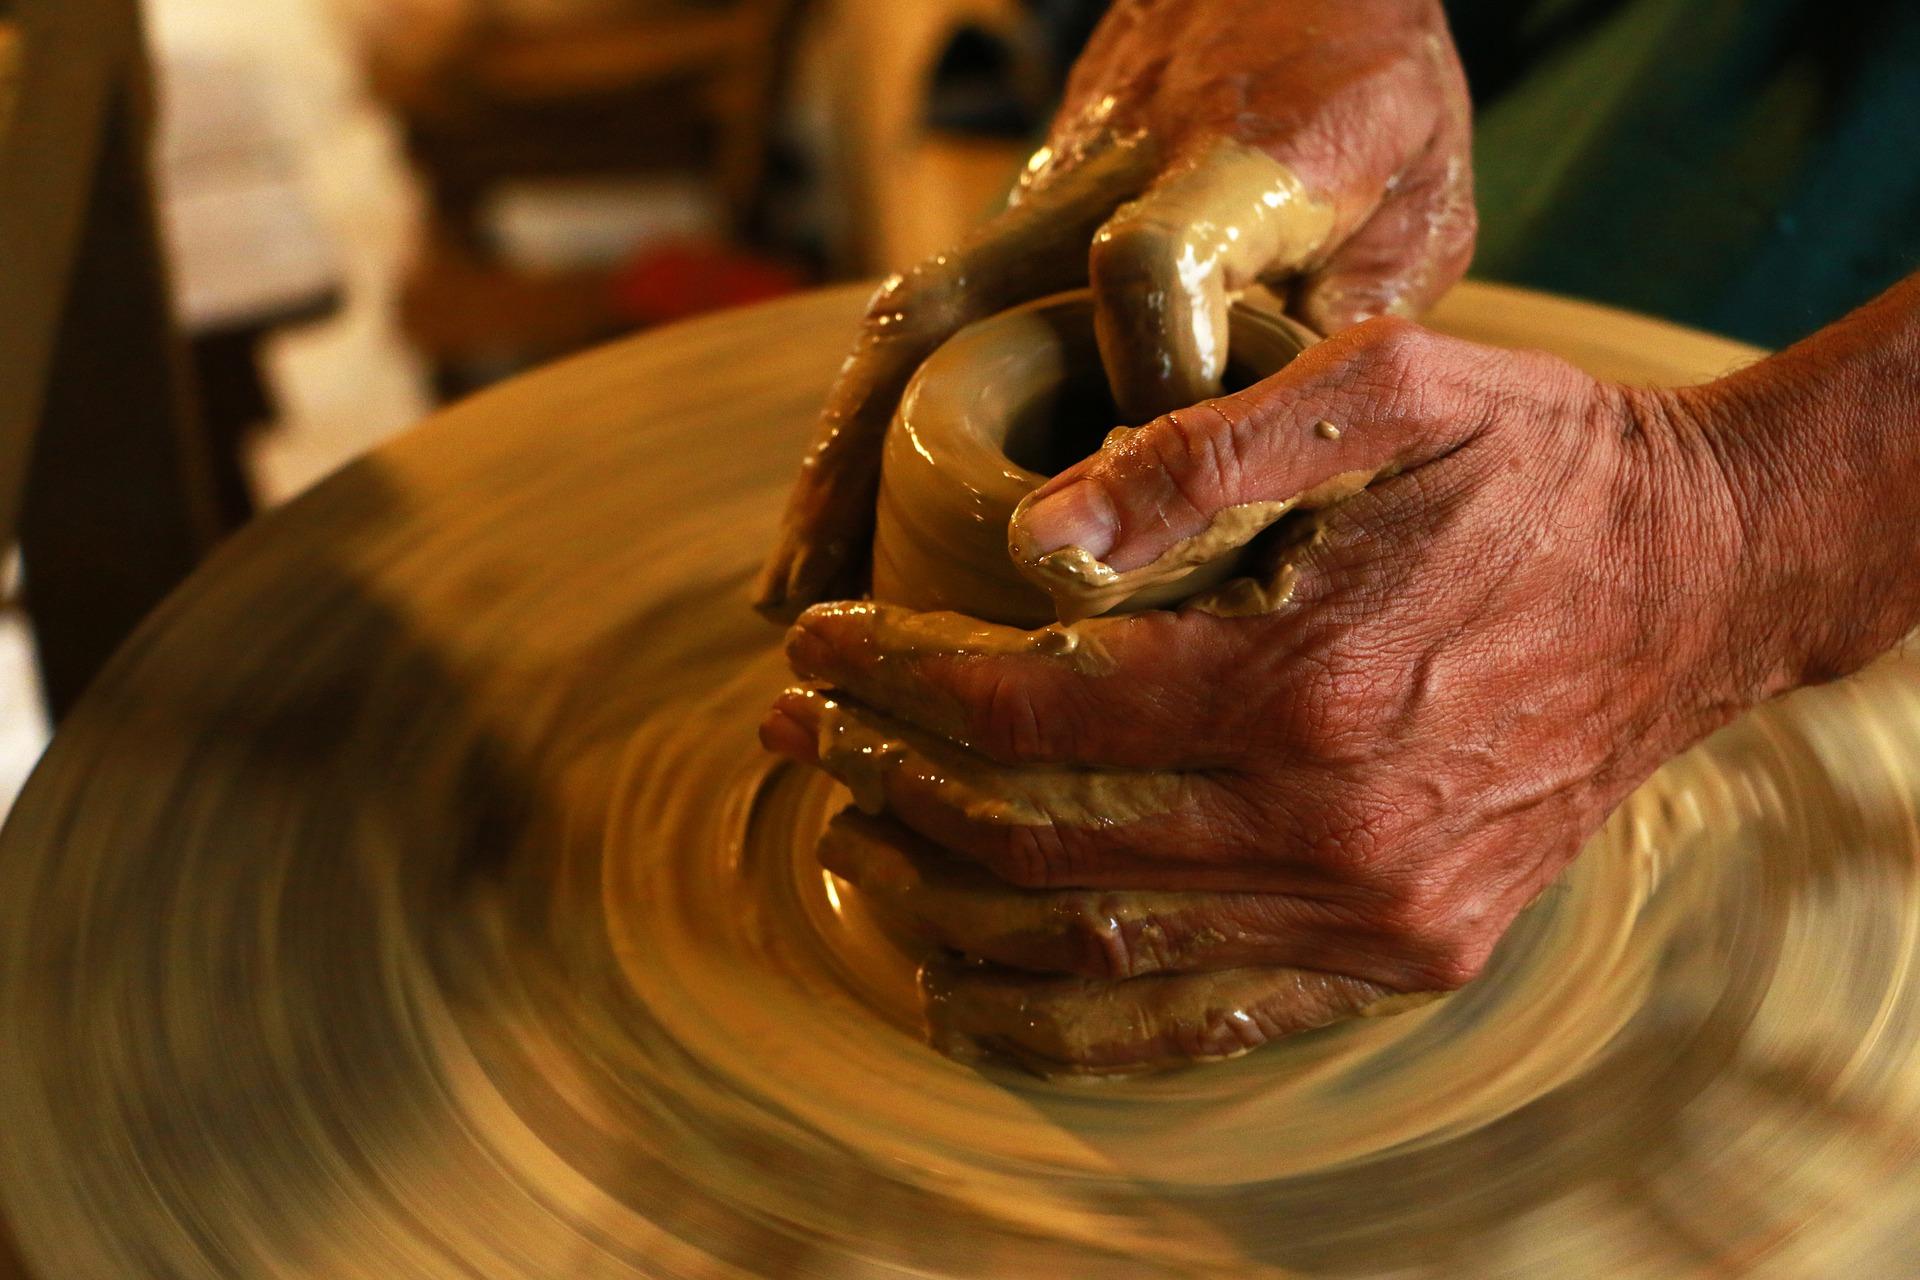 Někteří senioři jistě ocení i docházení do tvůrčích dílen, kde mohou tvořit třeba na hrnčířském kruhu.